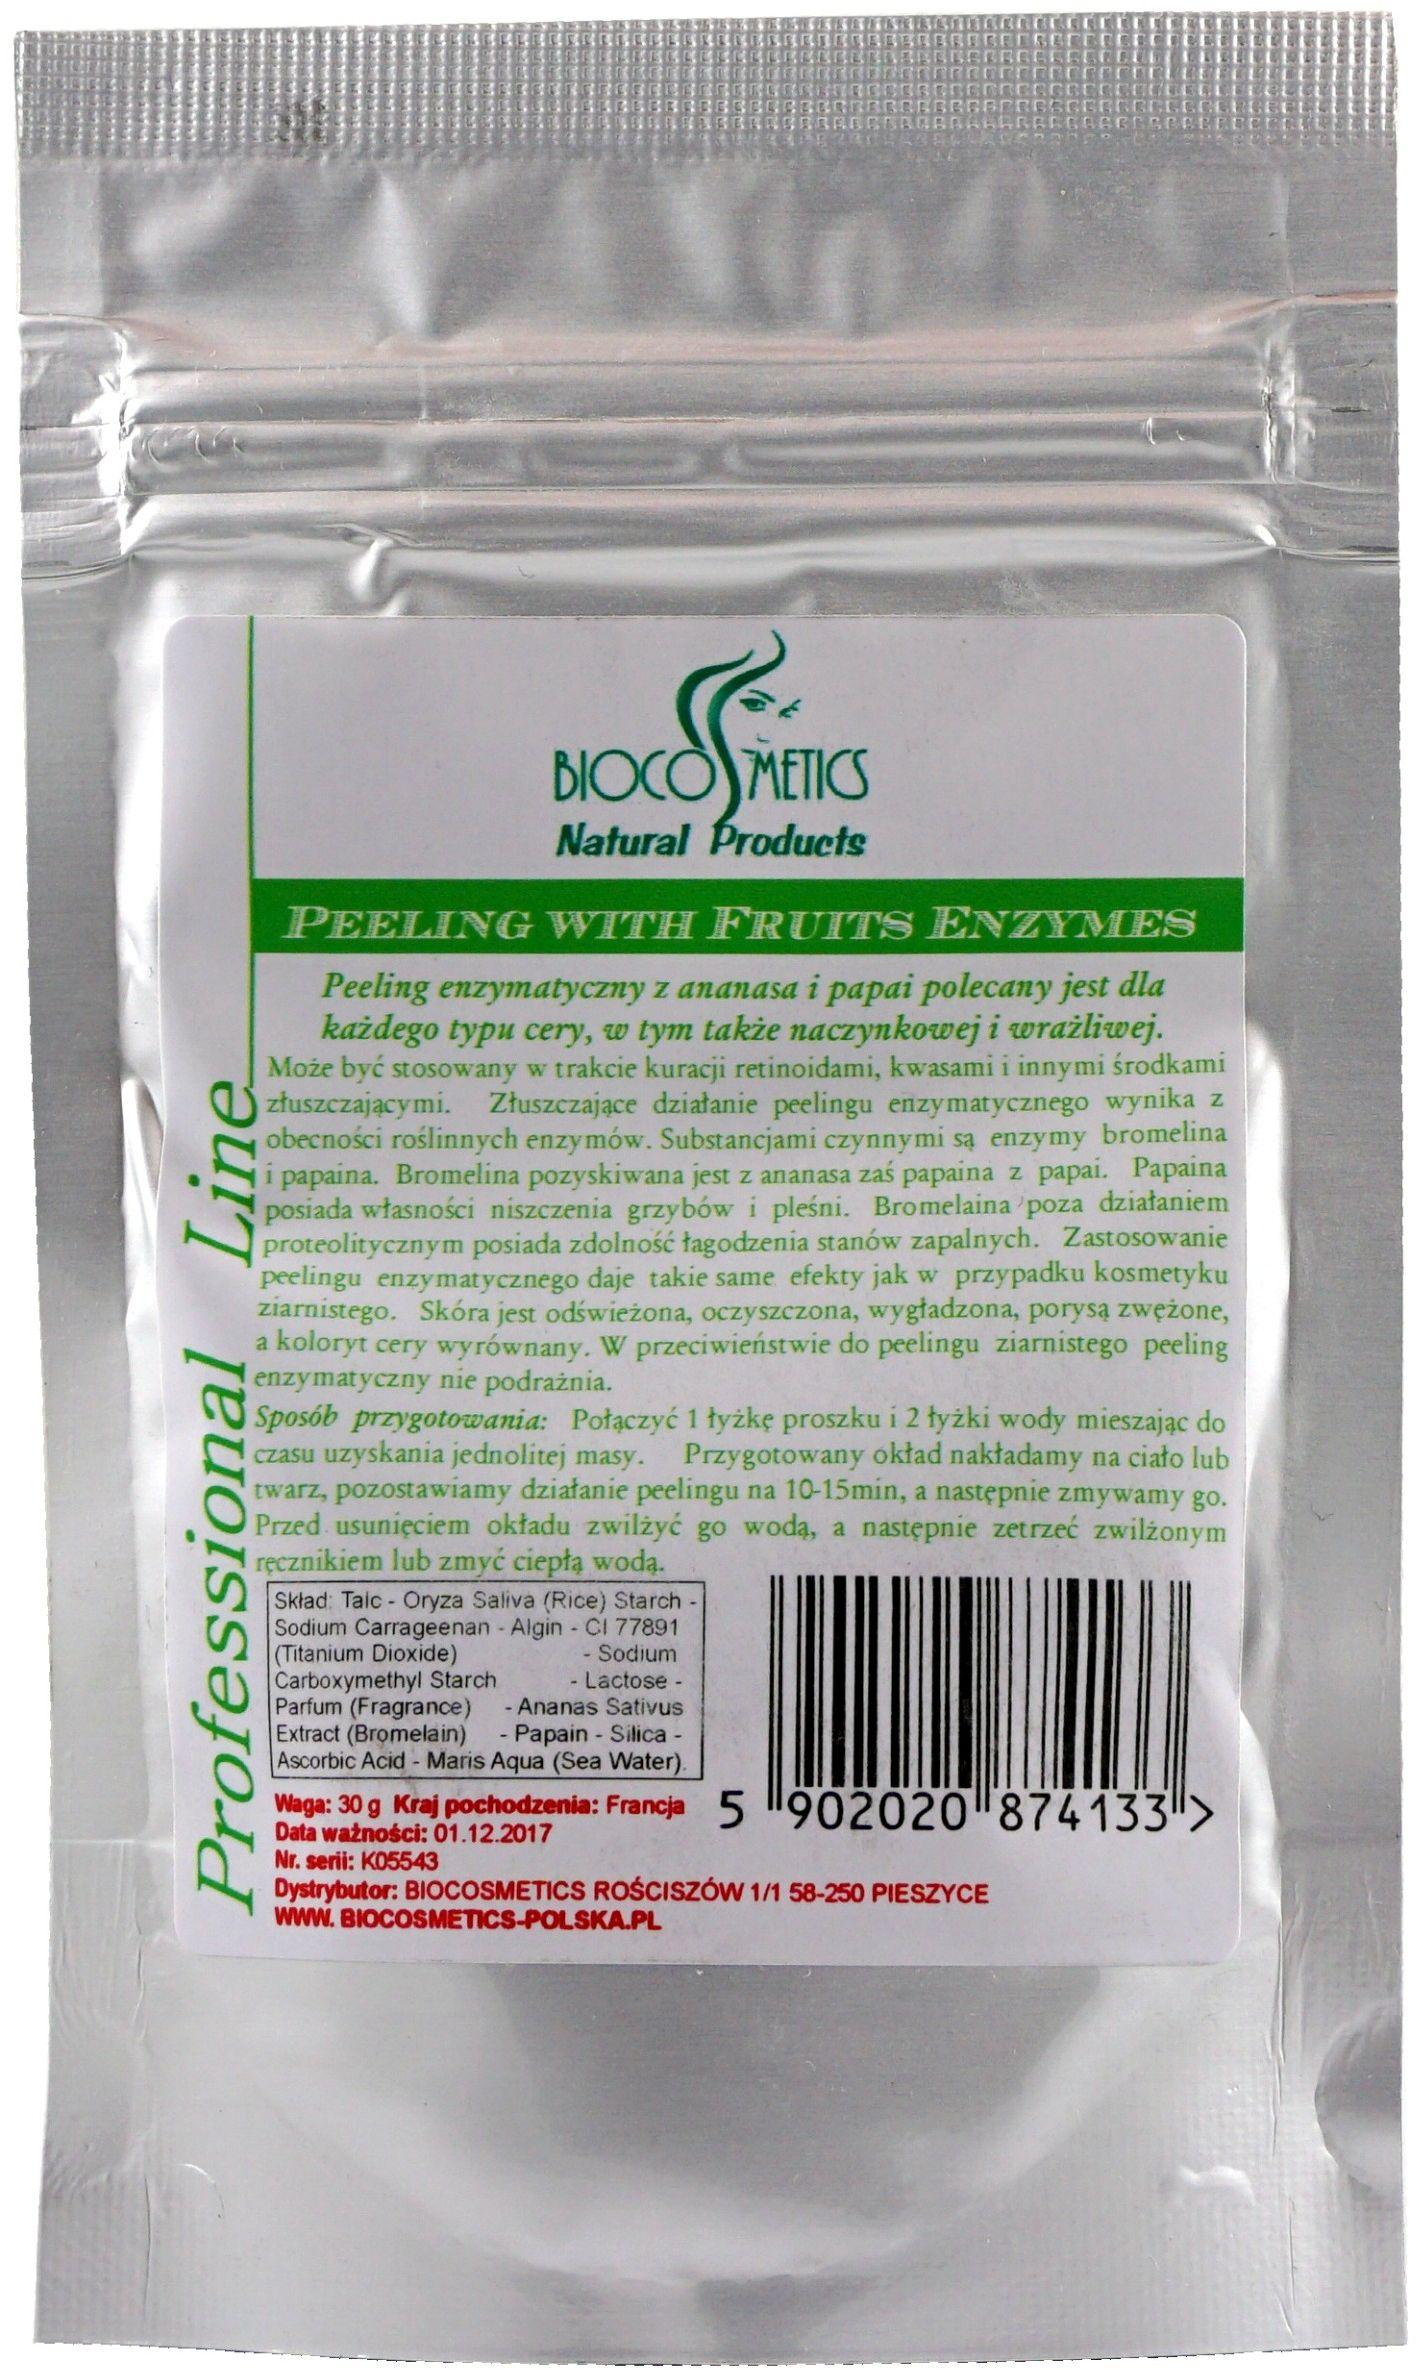 Owocowy peeling enzymatyczny z papainą i bromeliną - 30g - Biocosmetics